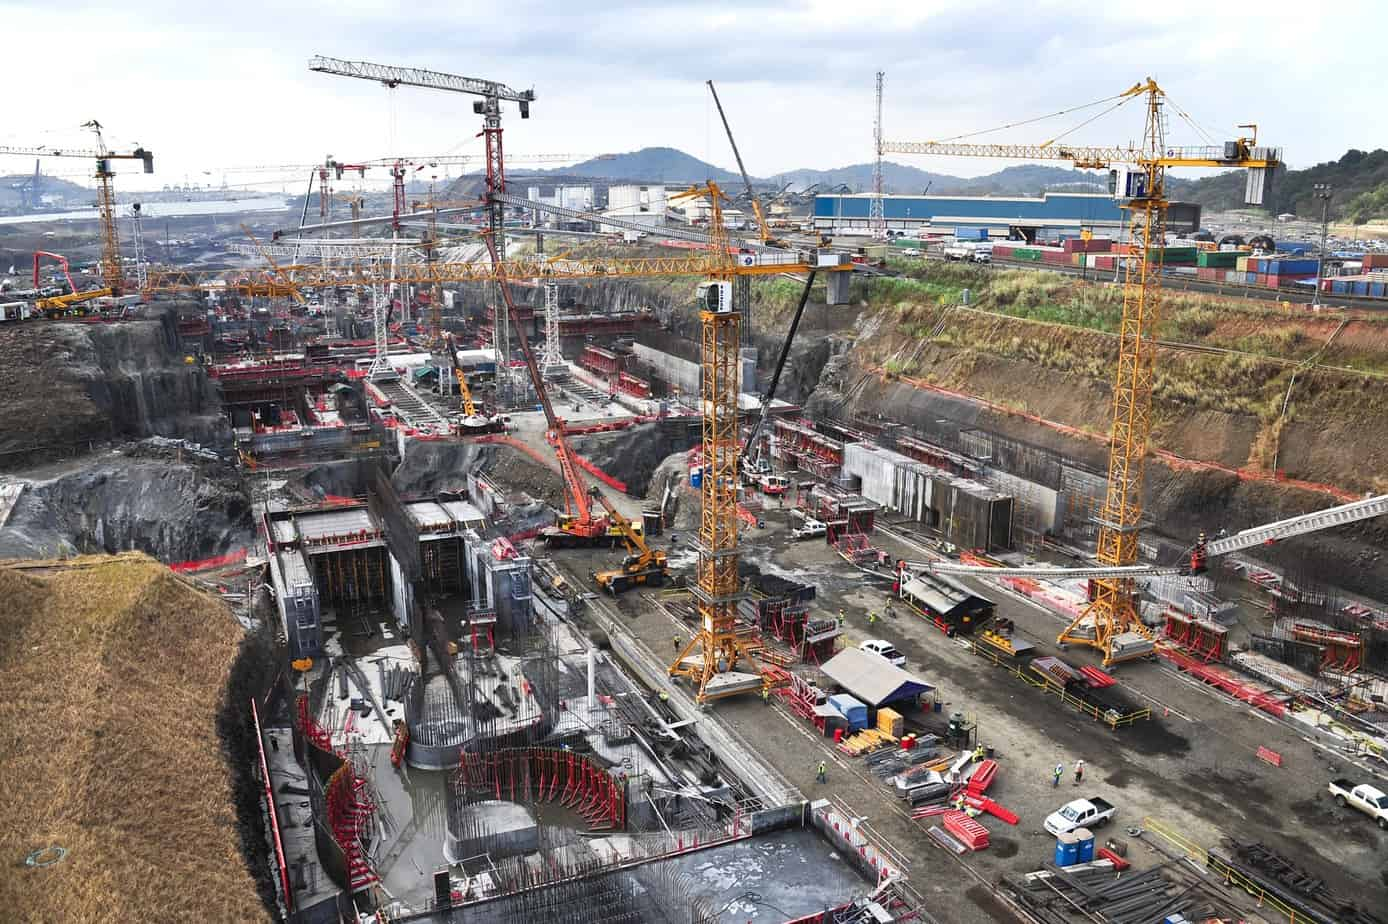 Gli additivi Mapei vengono utilizzati per la fabbricazione del calcestruzzo massivo e per quello marino, da utilizzare rispettivamente nelle parti interne ed esterne dei getti di realizzazione delle chiuse